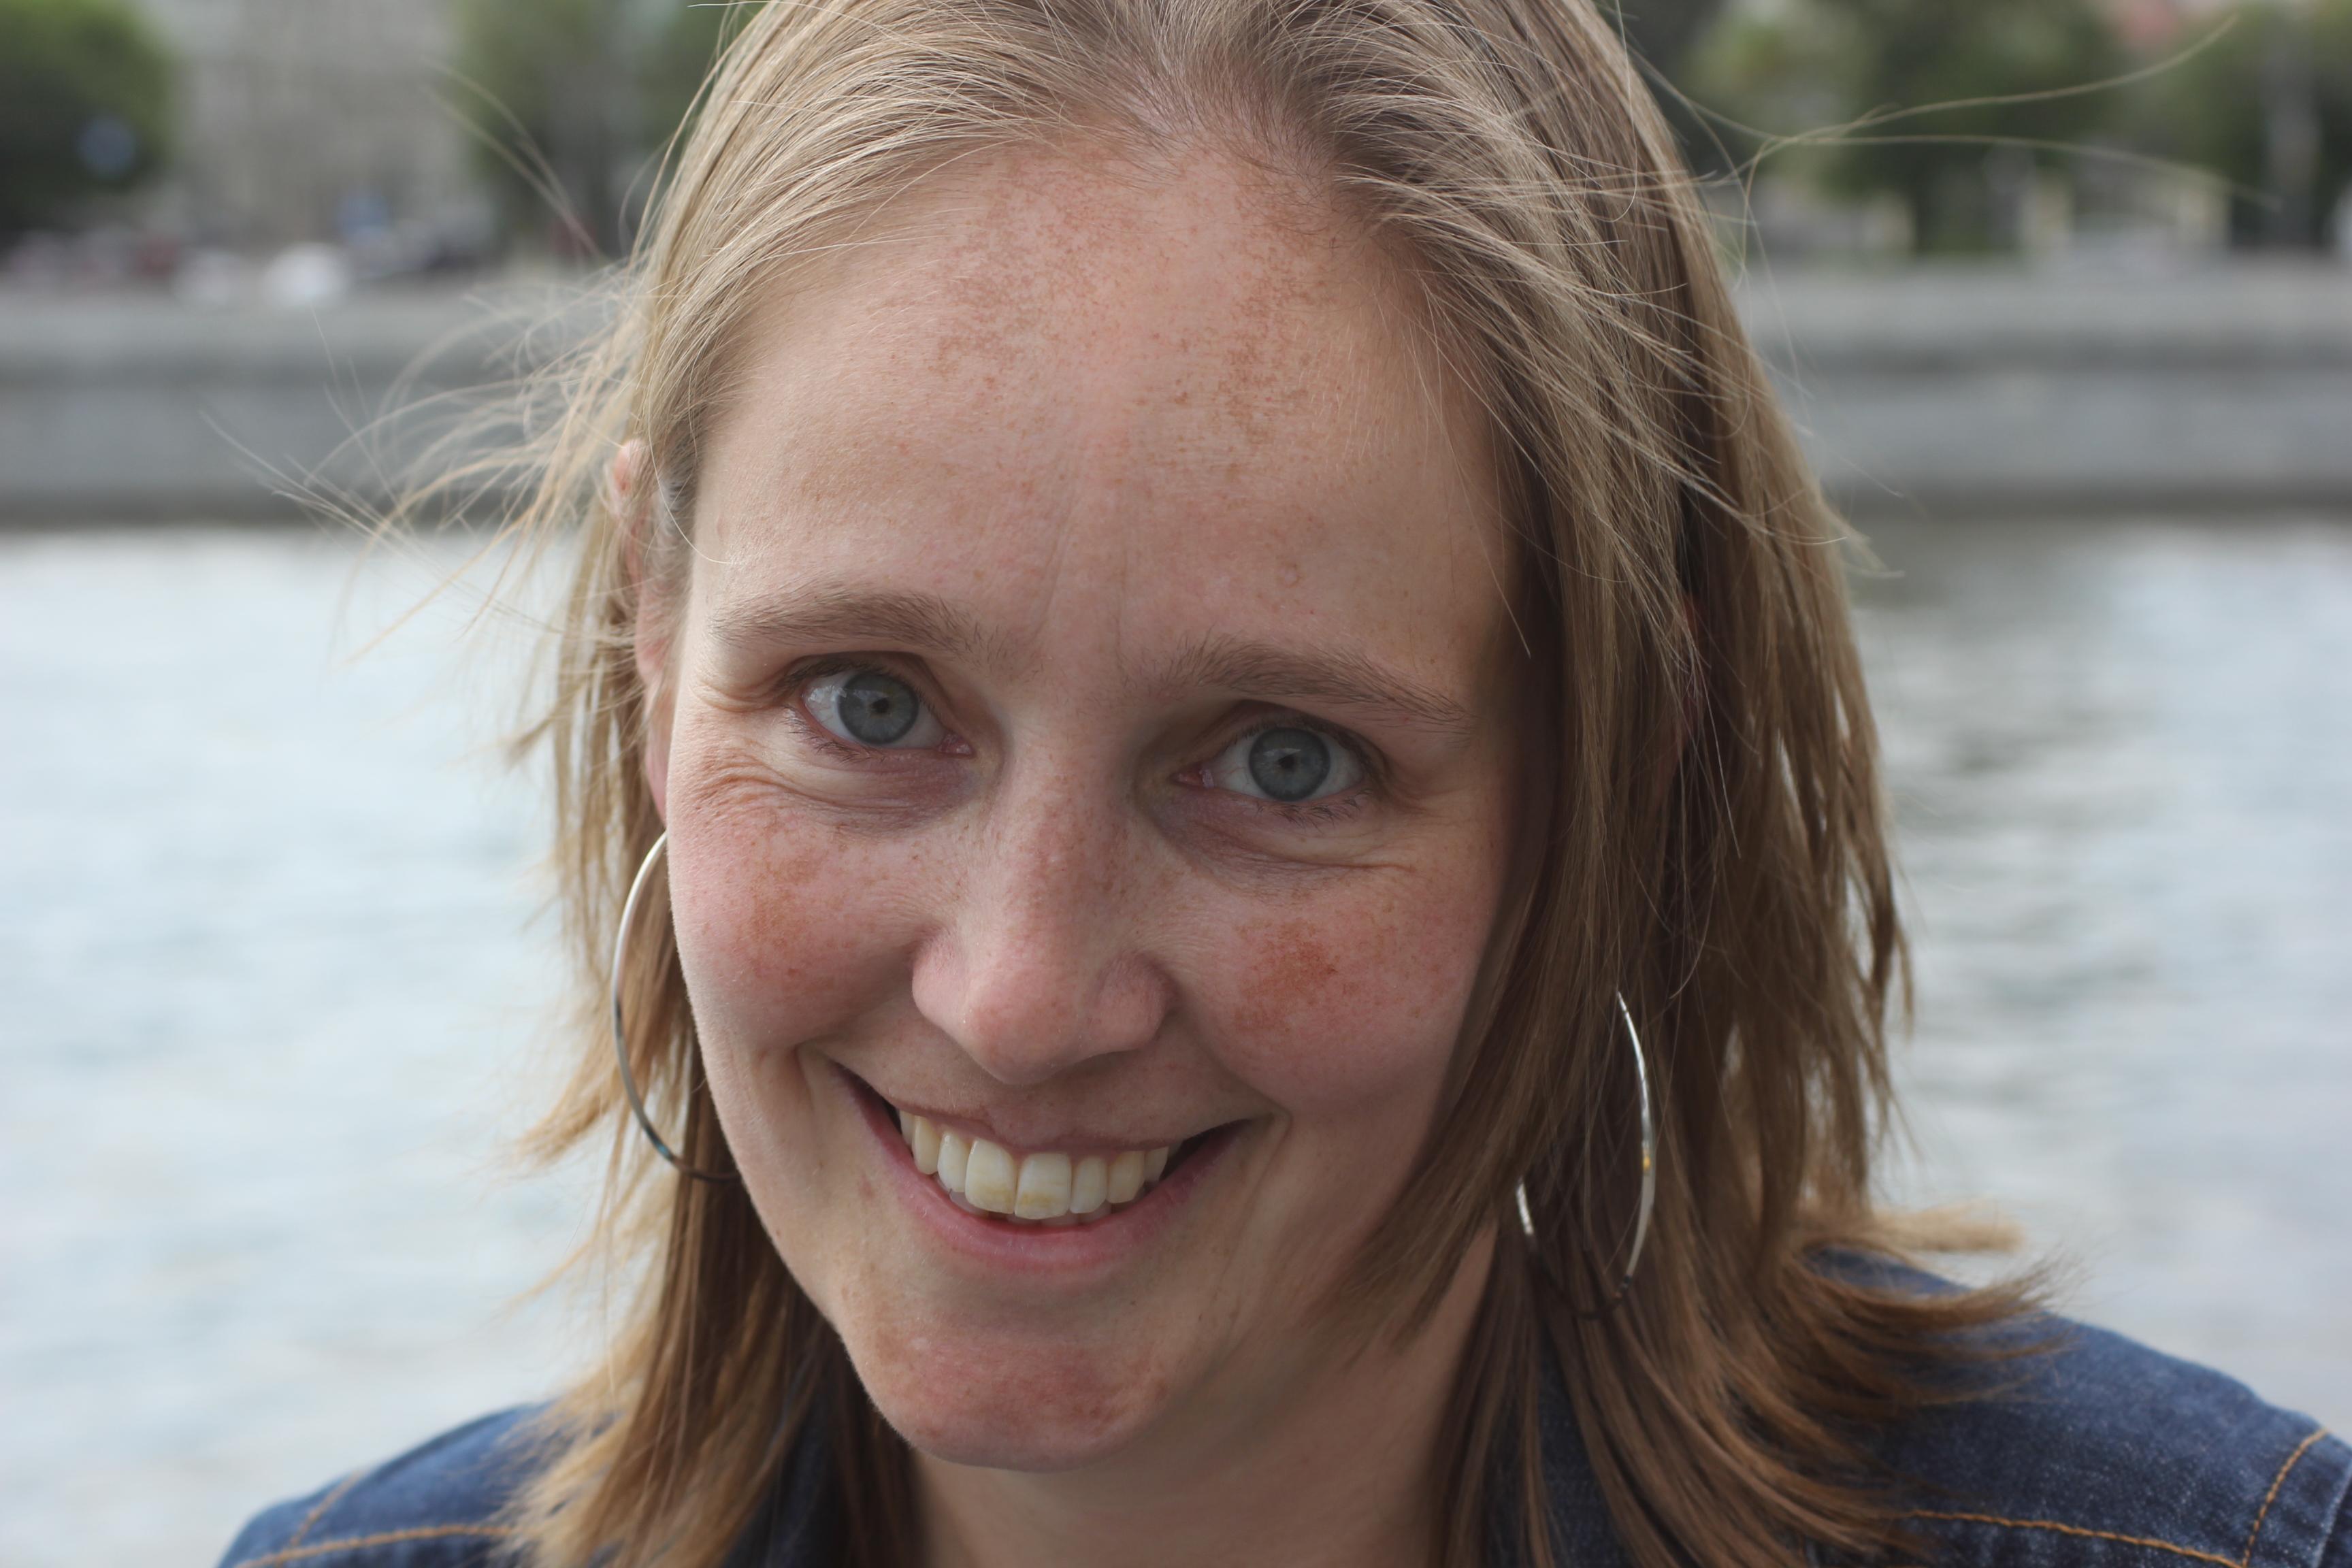 Een vrouw met schouderlang haar kijkt recht in de camera en glimlacht haar tanden bloot. Ze draagt grote zilverkleurige ringen in haar oren.